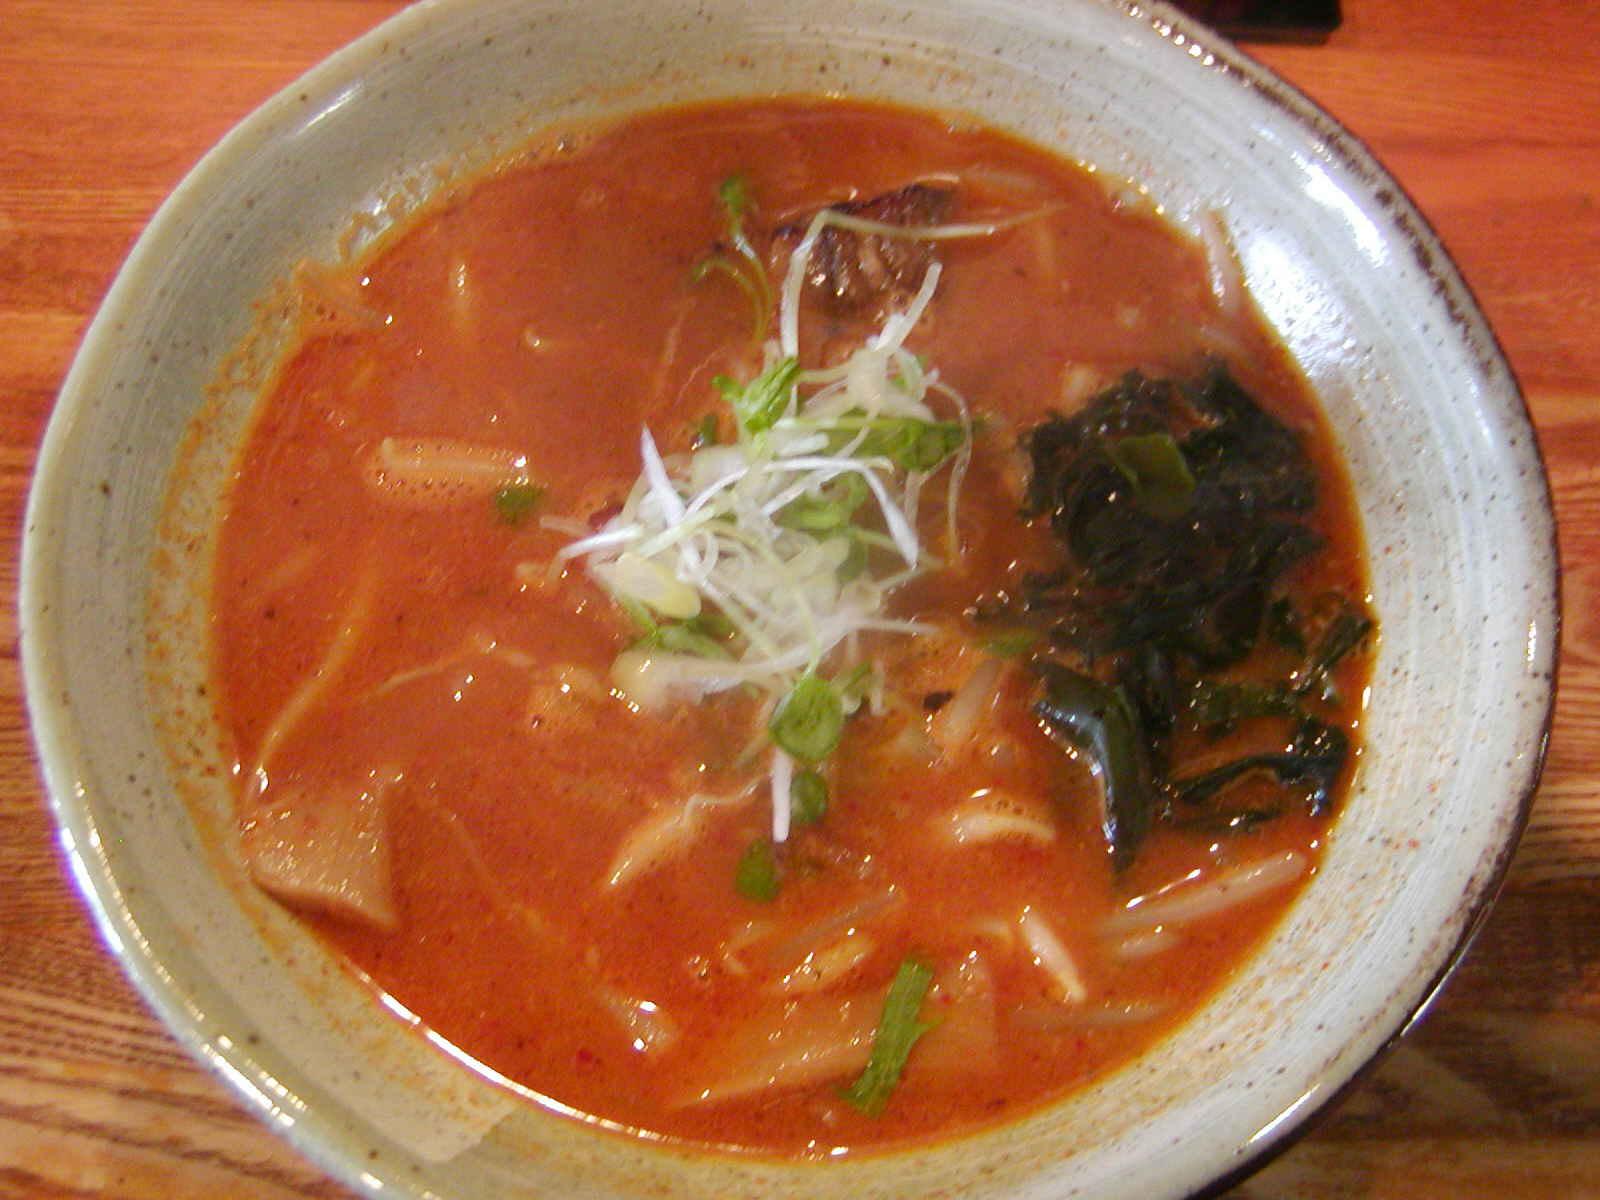 節麺屋 つぼみ 小松店【辛し味噌そば】 @愛知県豊橋市